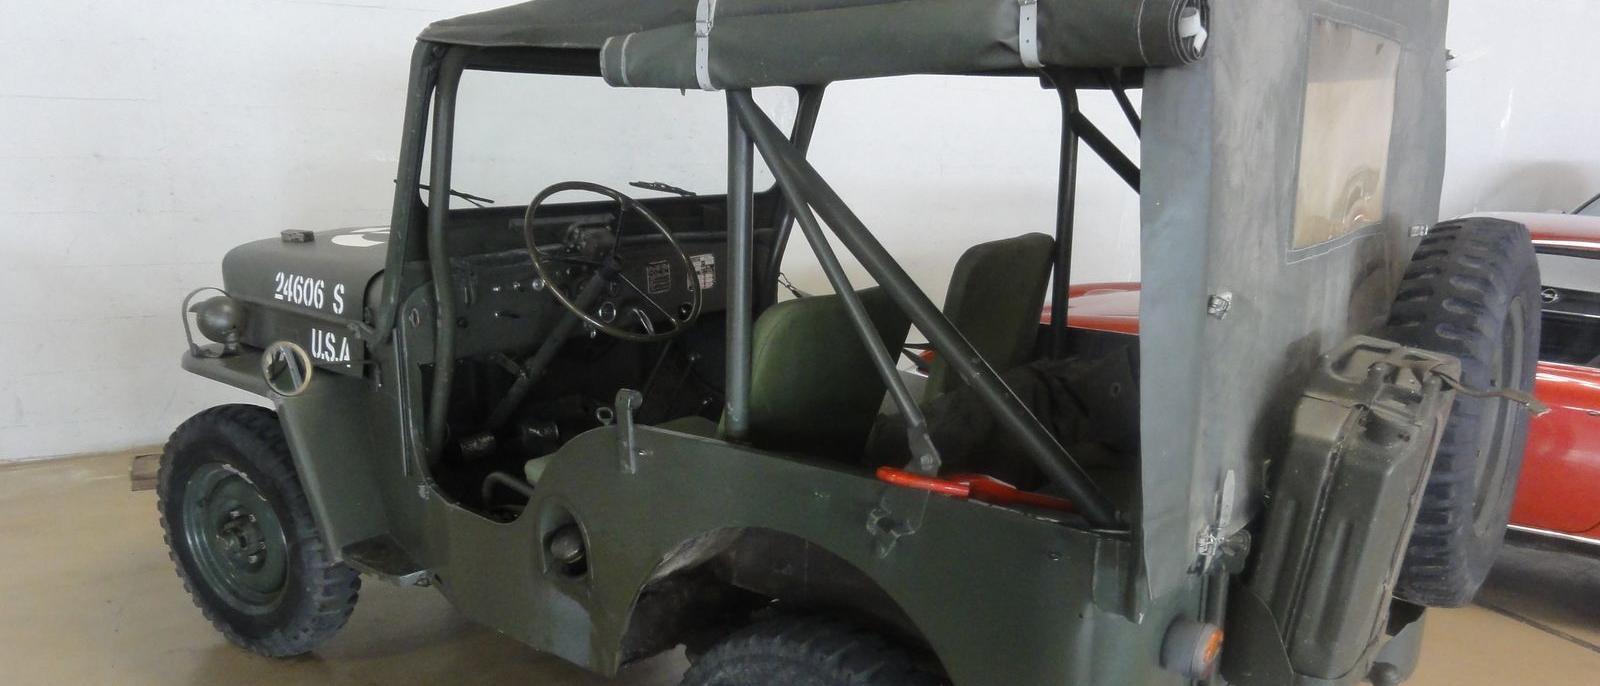 Jeep Willys CJ3 A